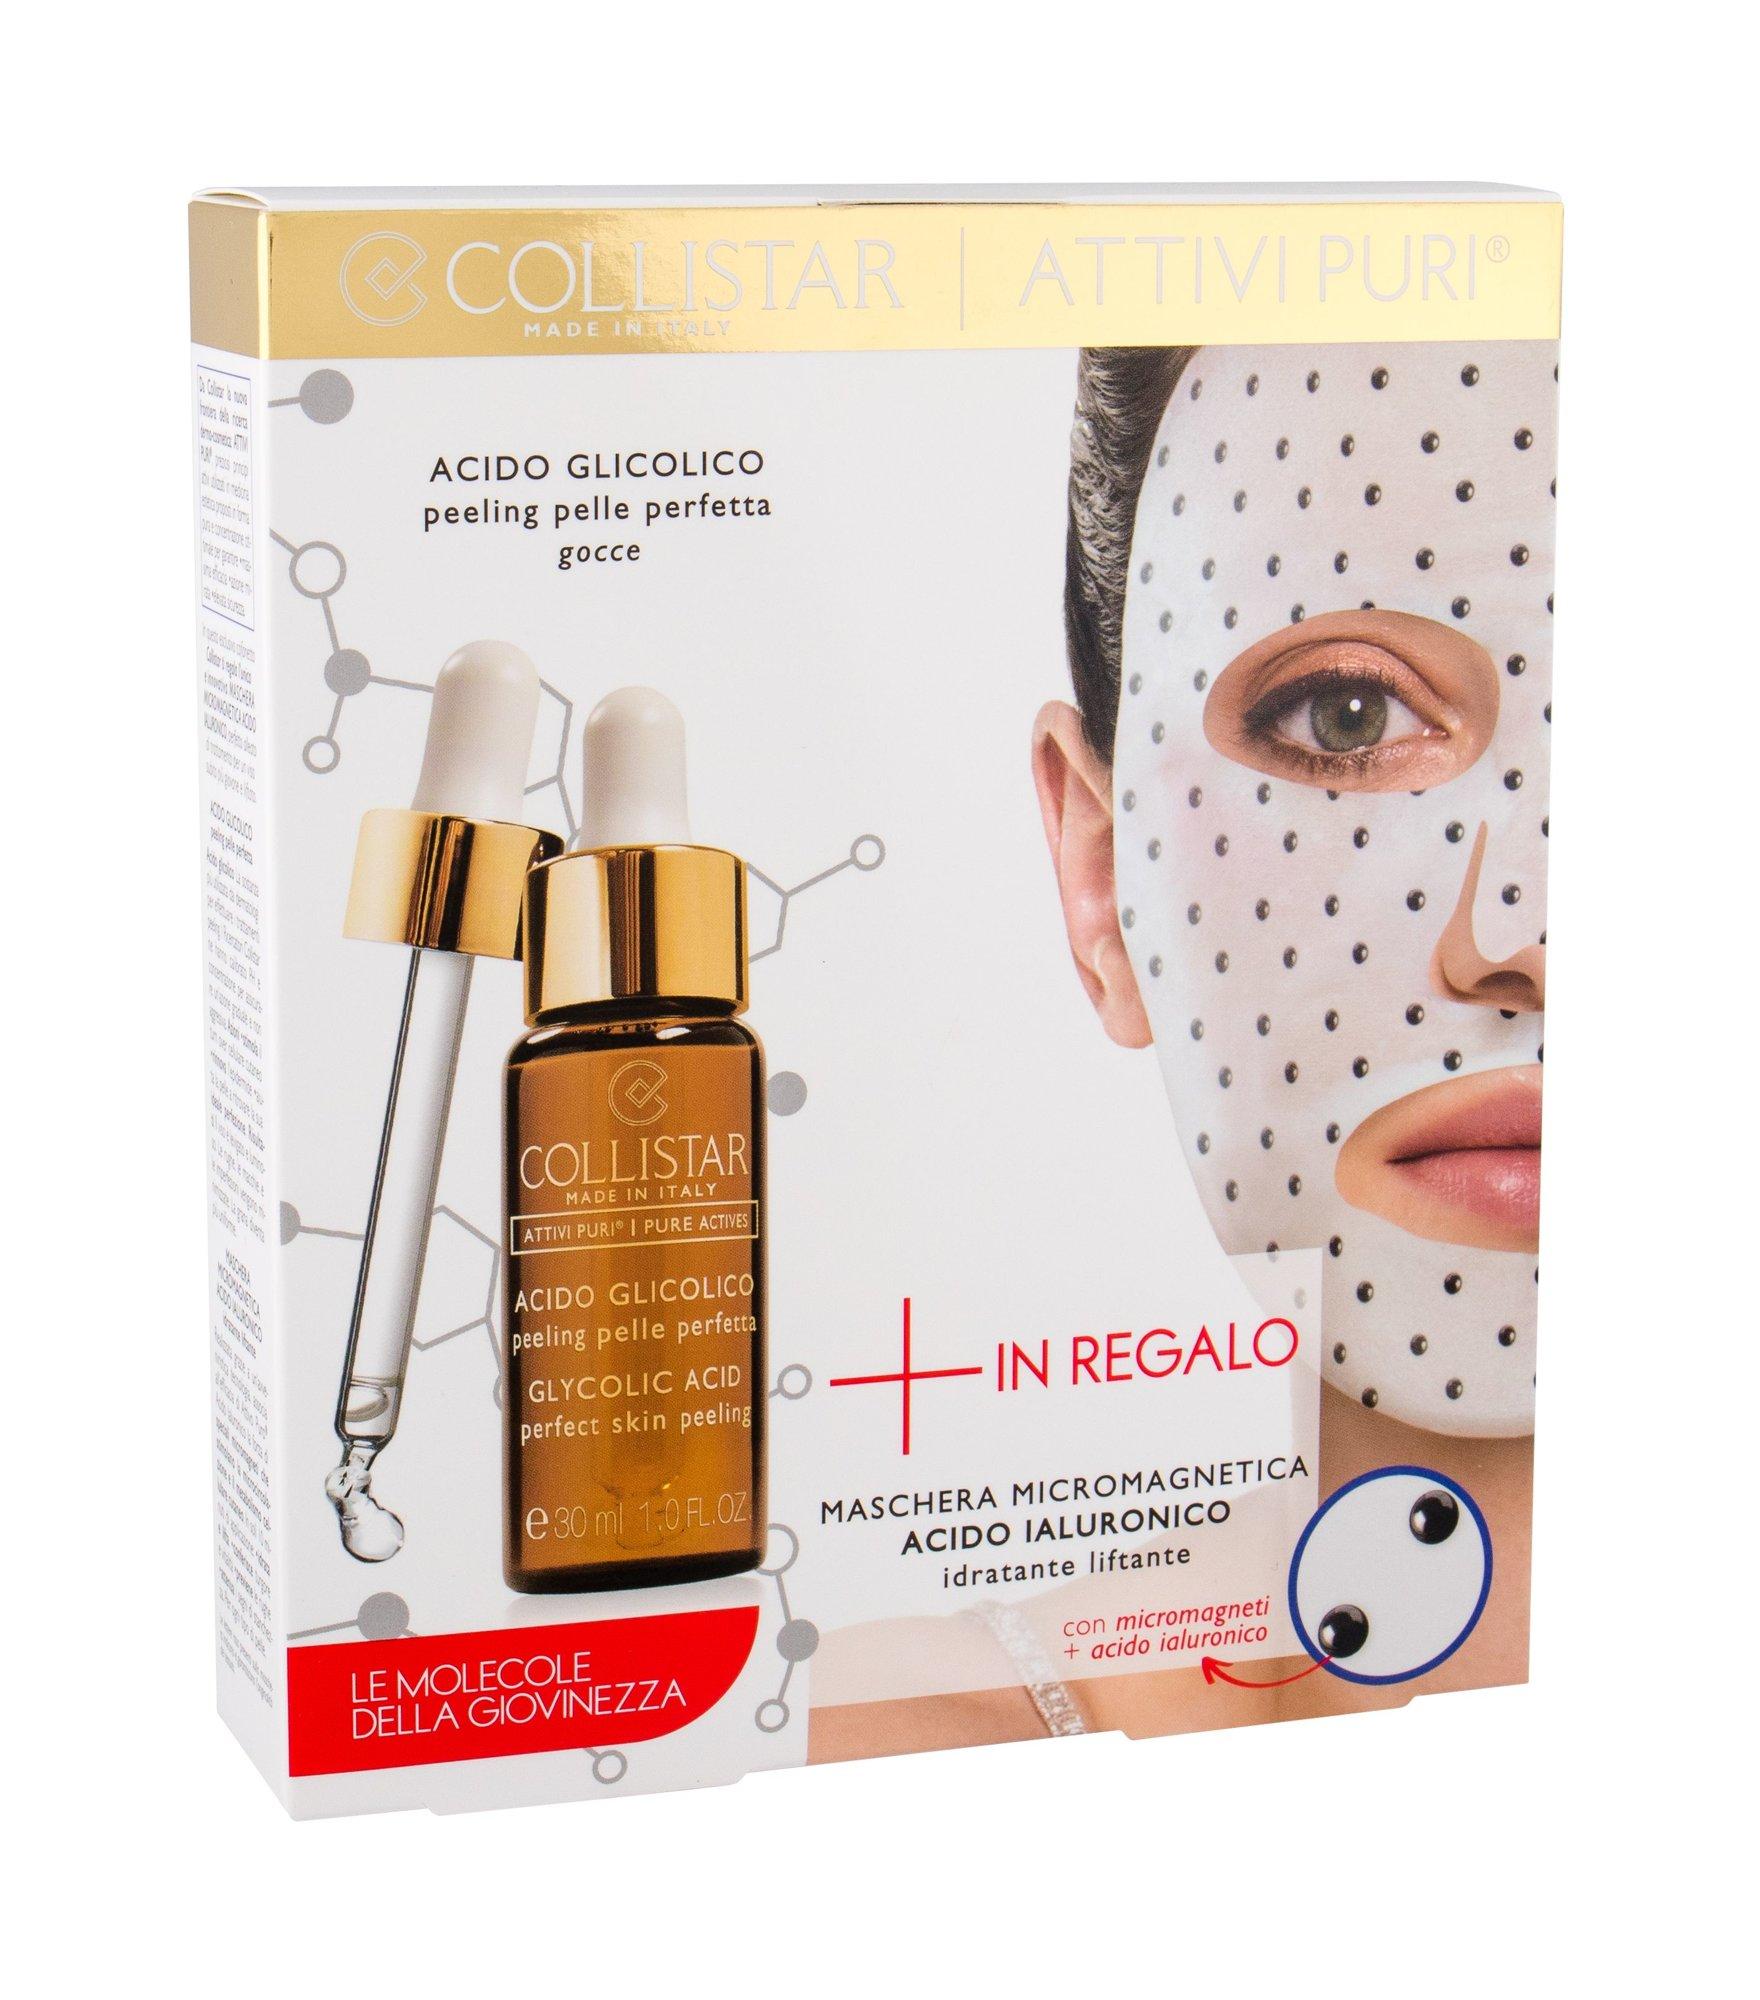 Collistar Pure Actives Skin Serum 30ml